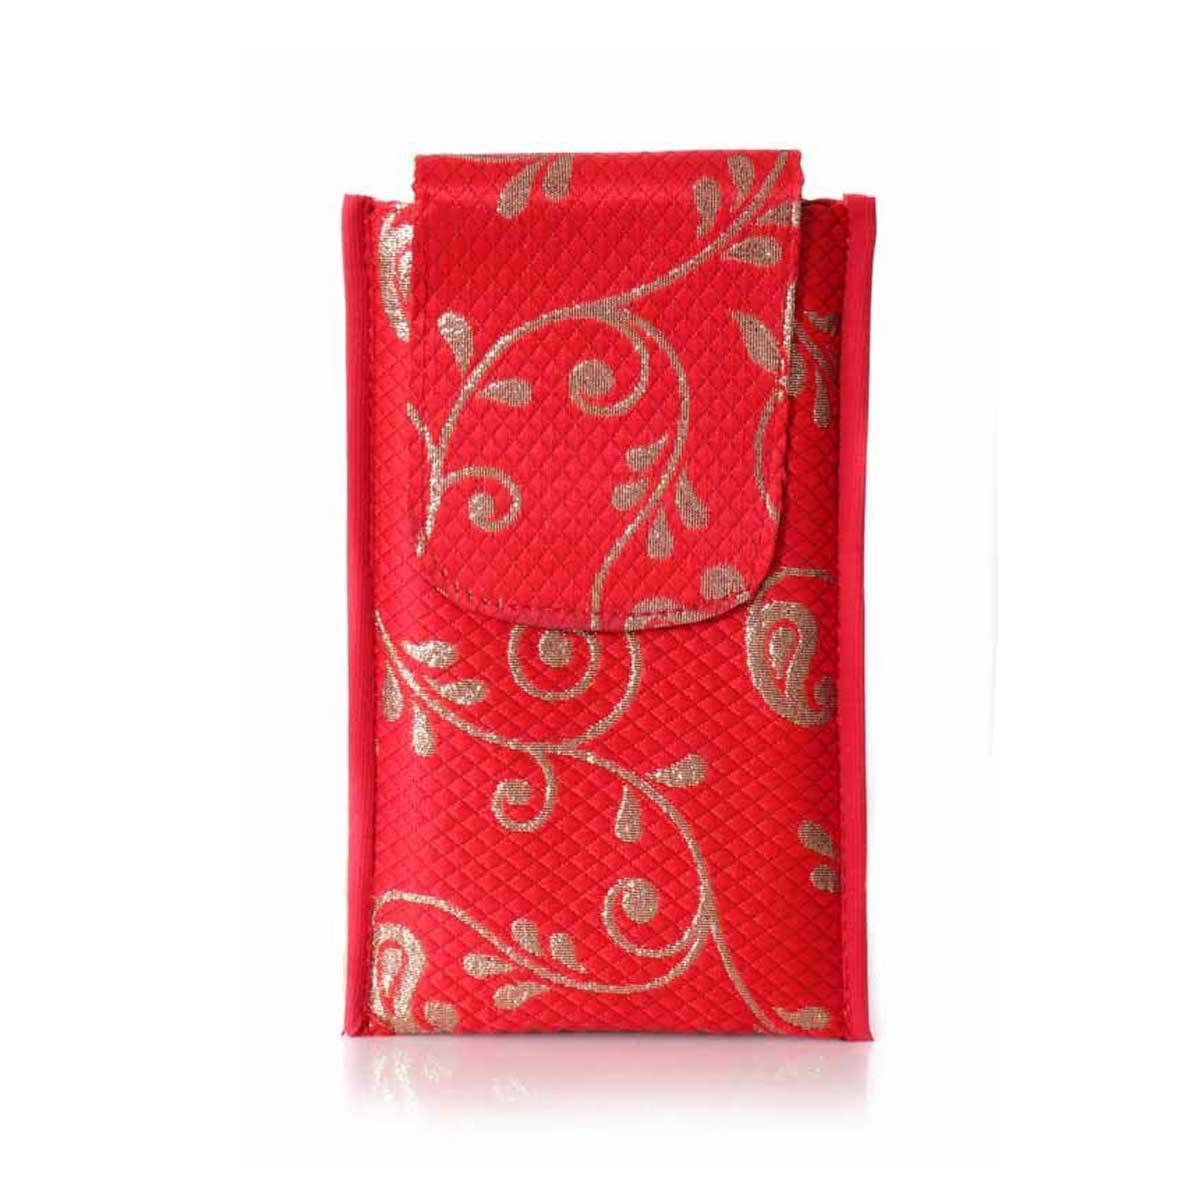 Mobile holder - mobile pouch with glitter flower design return gift